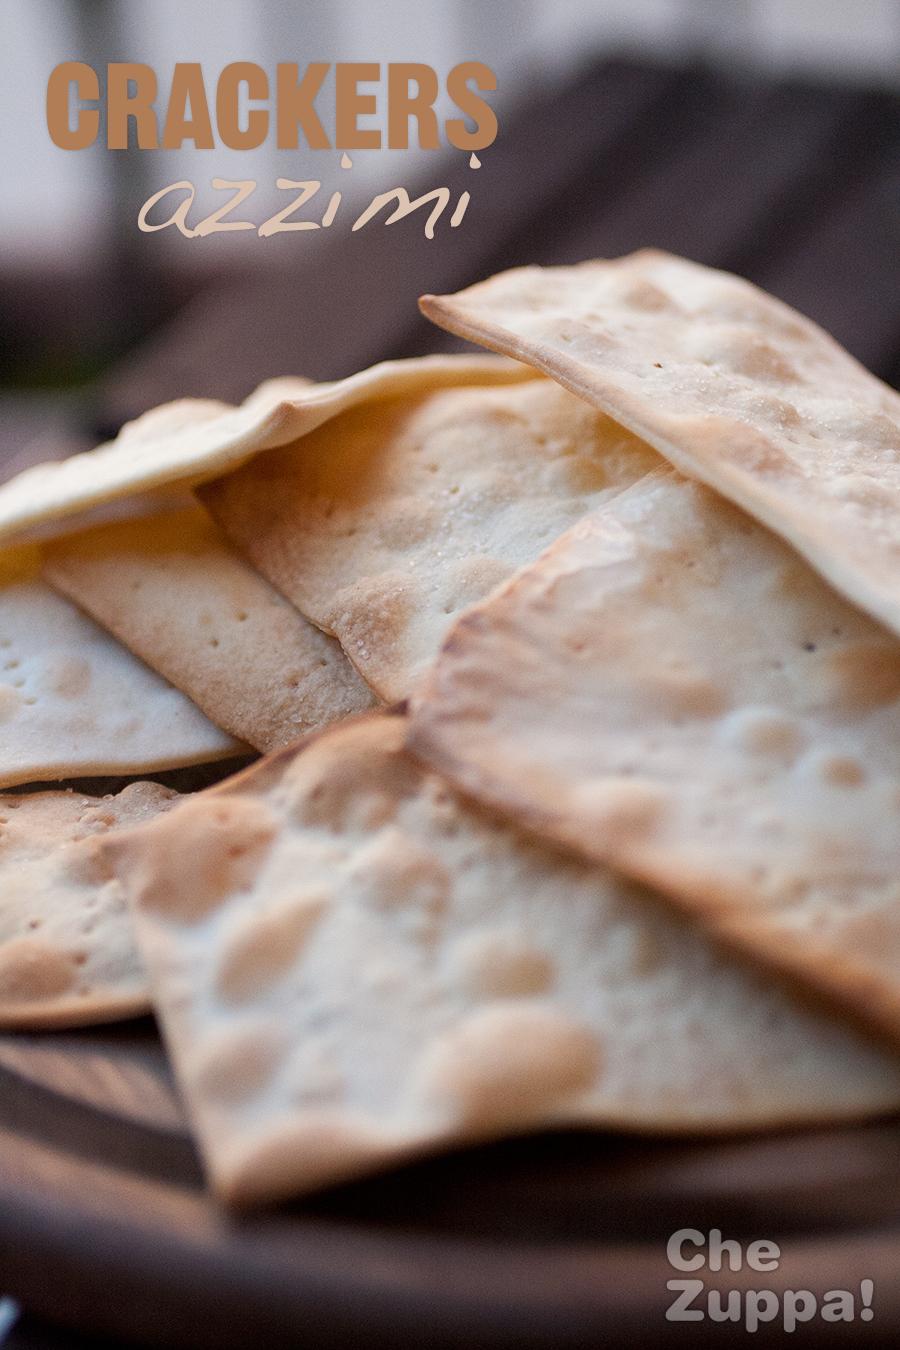 crackers-azzimi02-fb